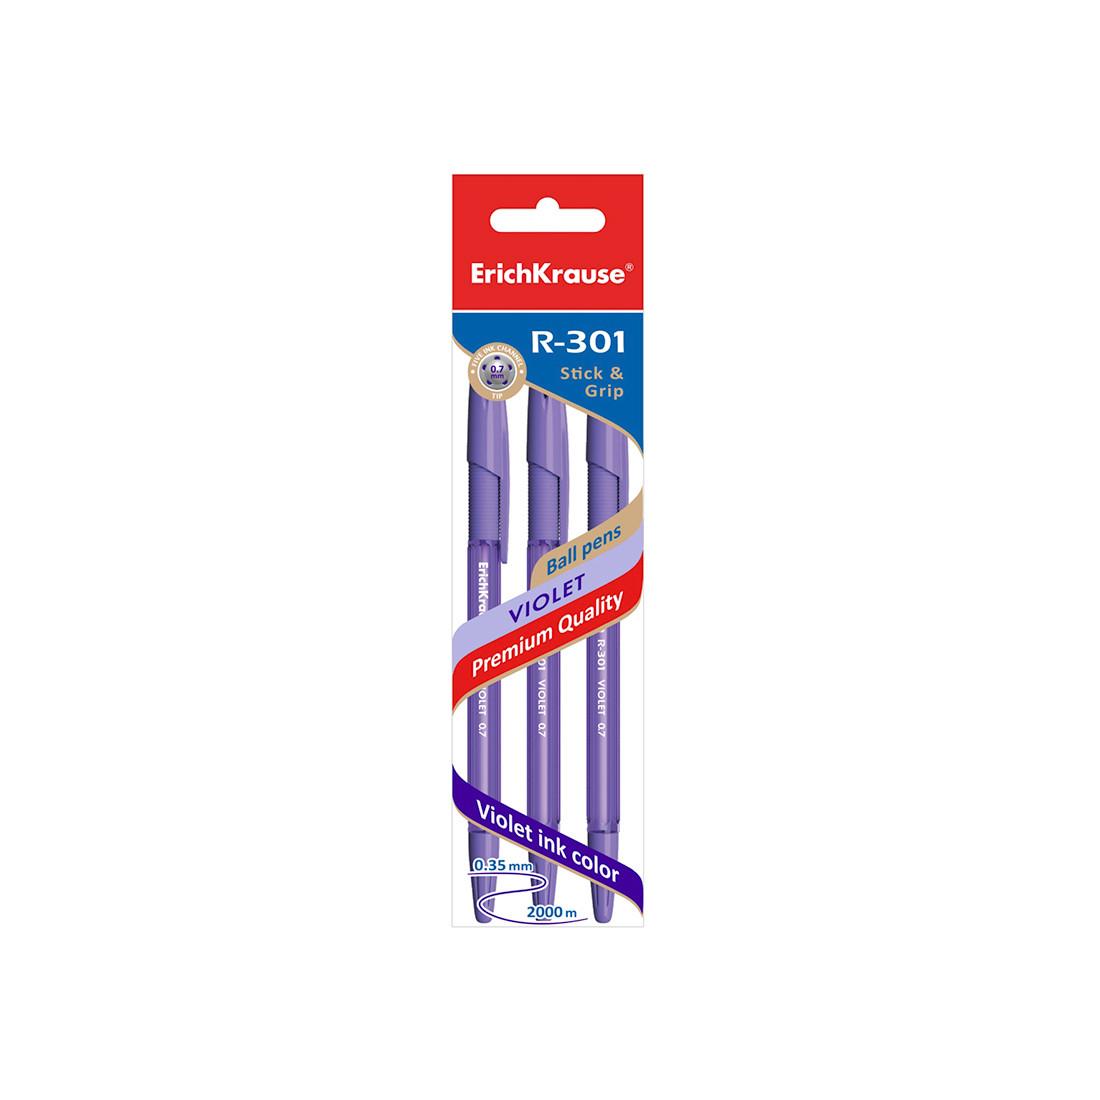 Пакет ручек шариковых ErichKrause R-301 Violet Stick&Grip (Фиолетовый)